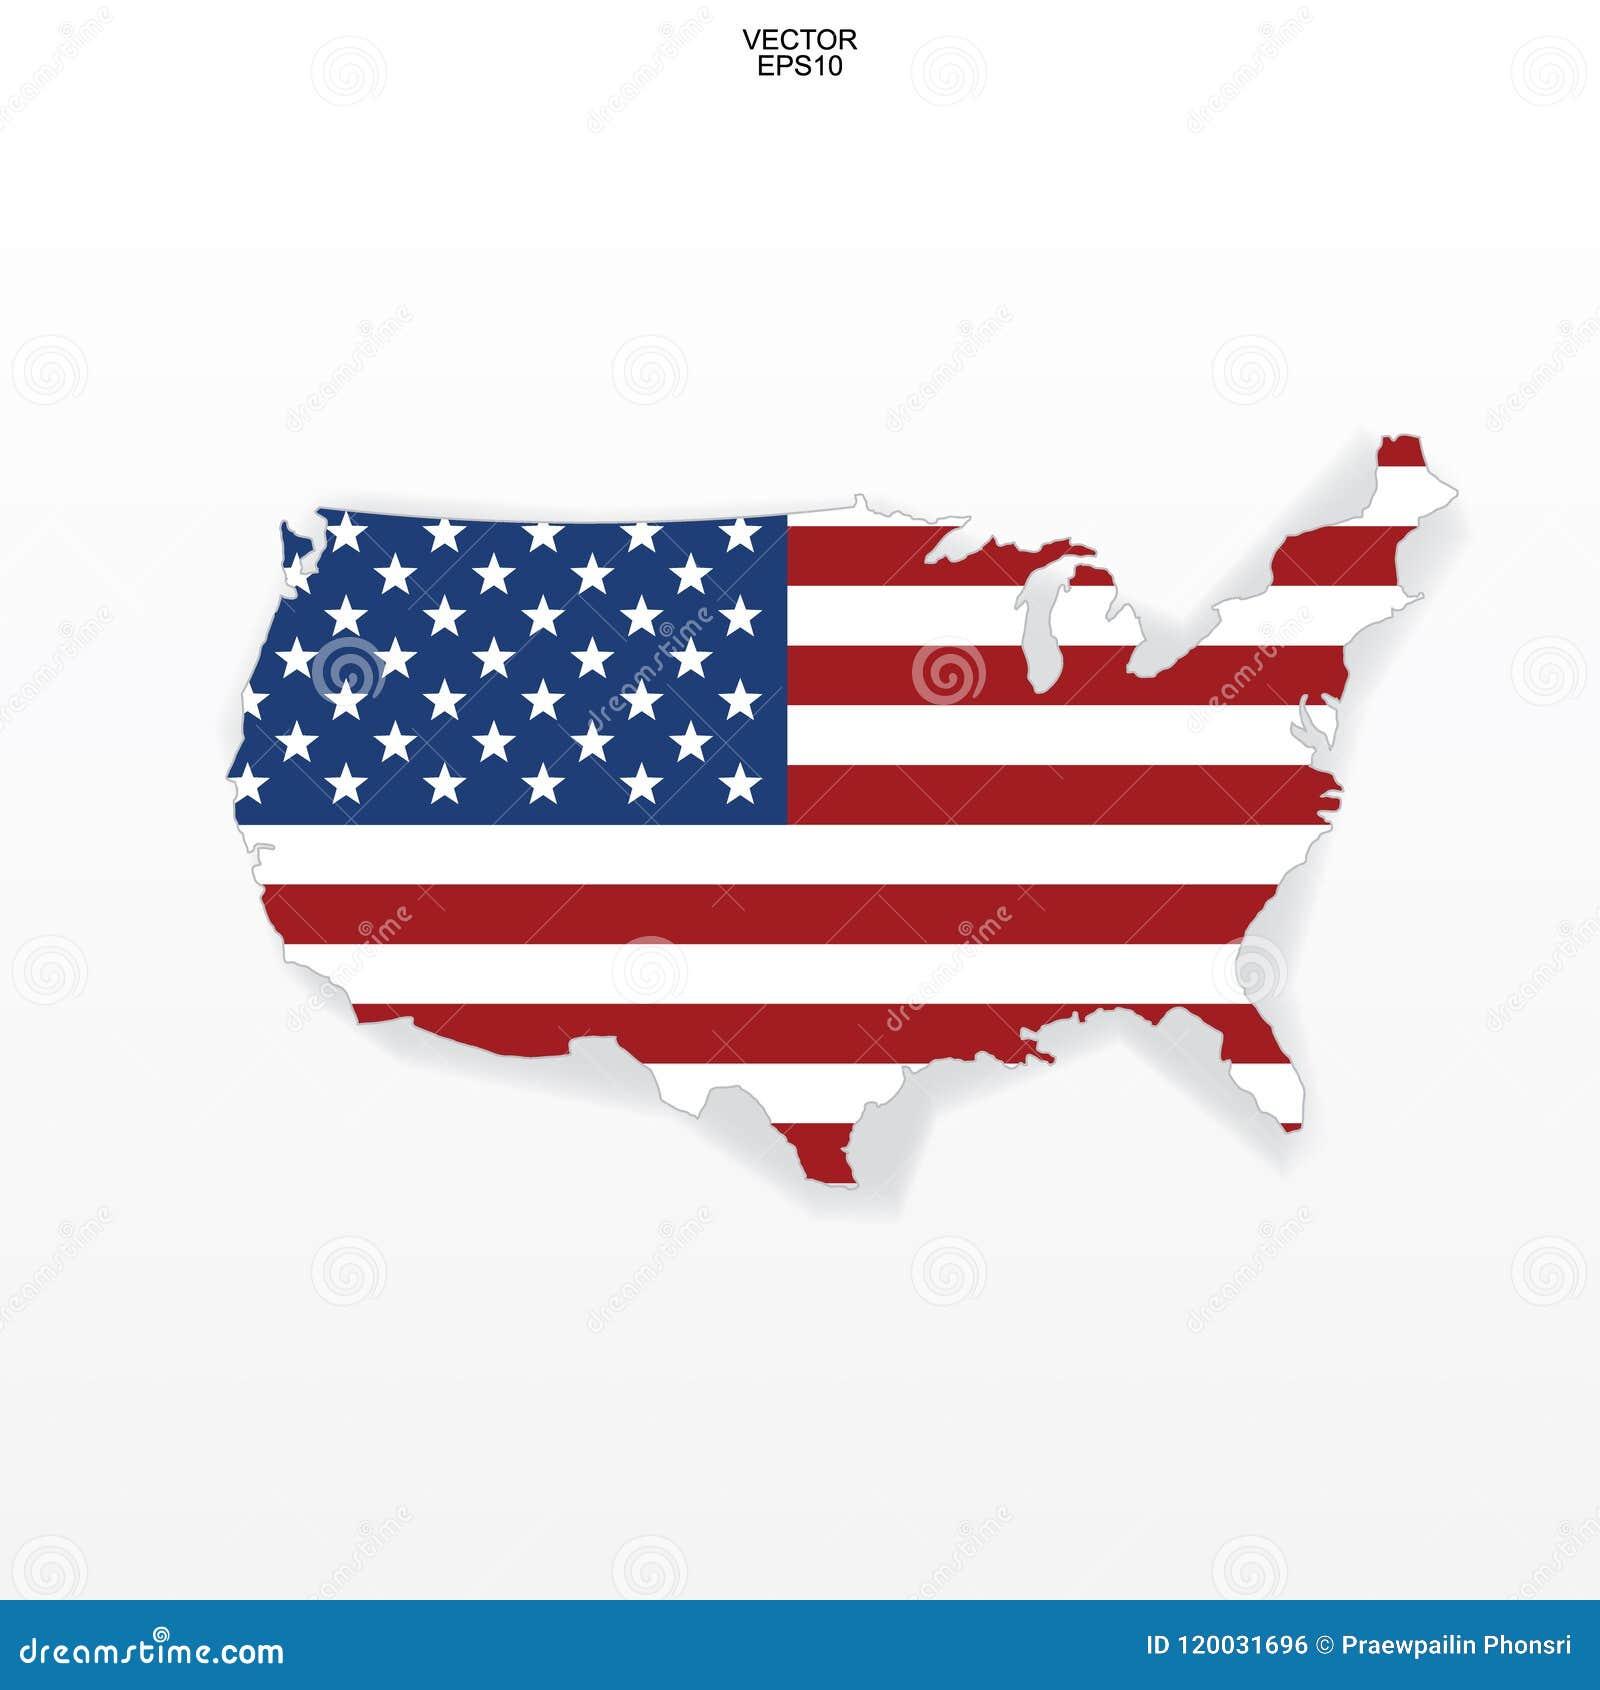 Χάρτης των ΗΠΑ με το σχέδιο αμερικανικών σημαιών Περίληψη του χάρτη ` Ηνωμένες Πολιτείες της Αμερικής ` στο άσπρο υπόβαθρο